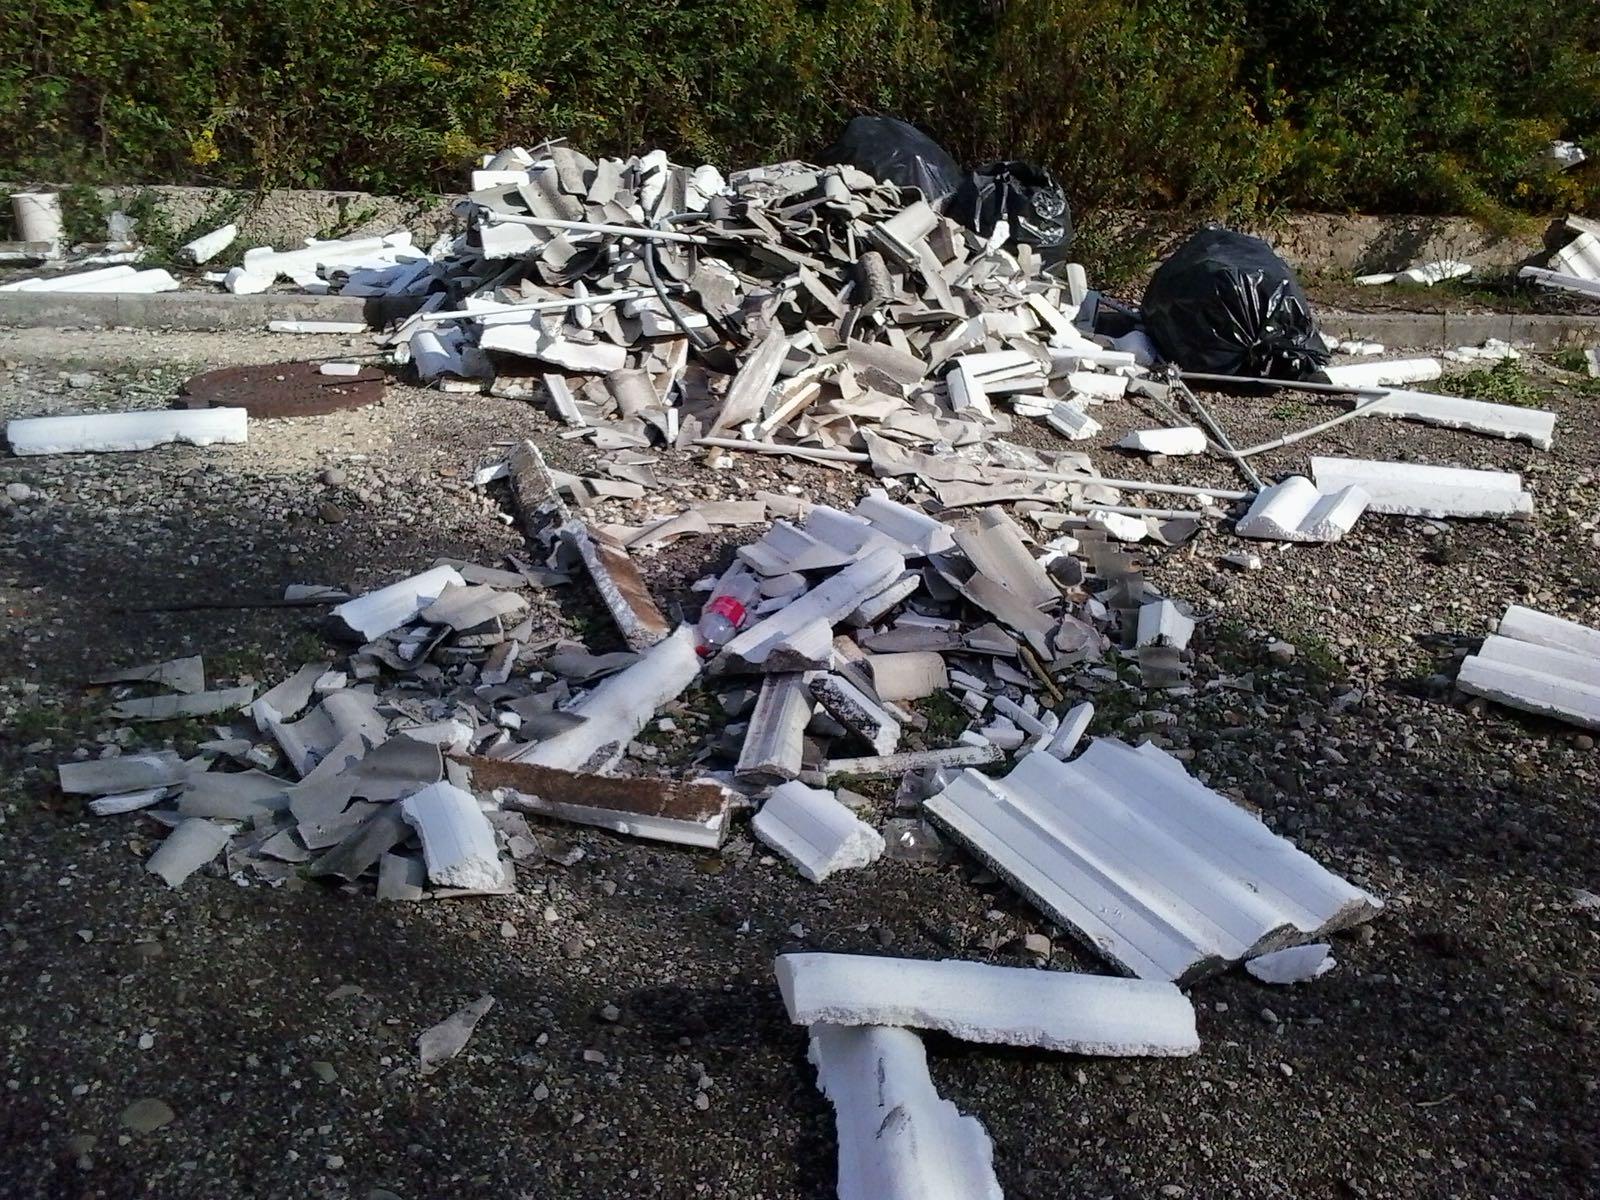 Ceppaloni| Discarica a cielo aperto, la denuncia del Comitato Cittadinanza Attiva